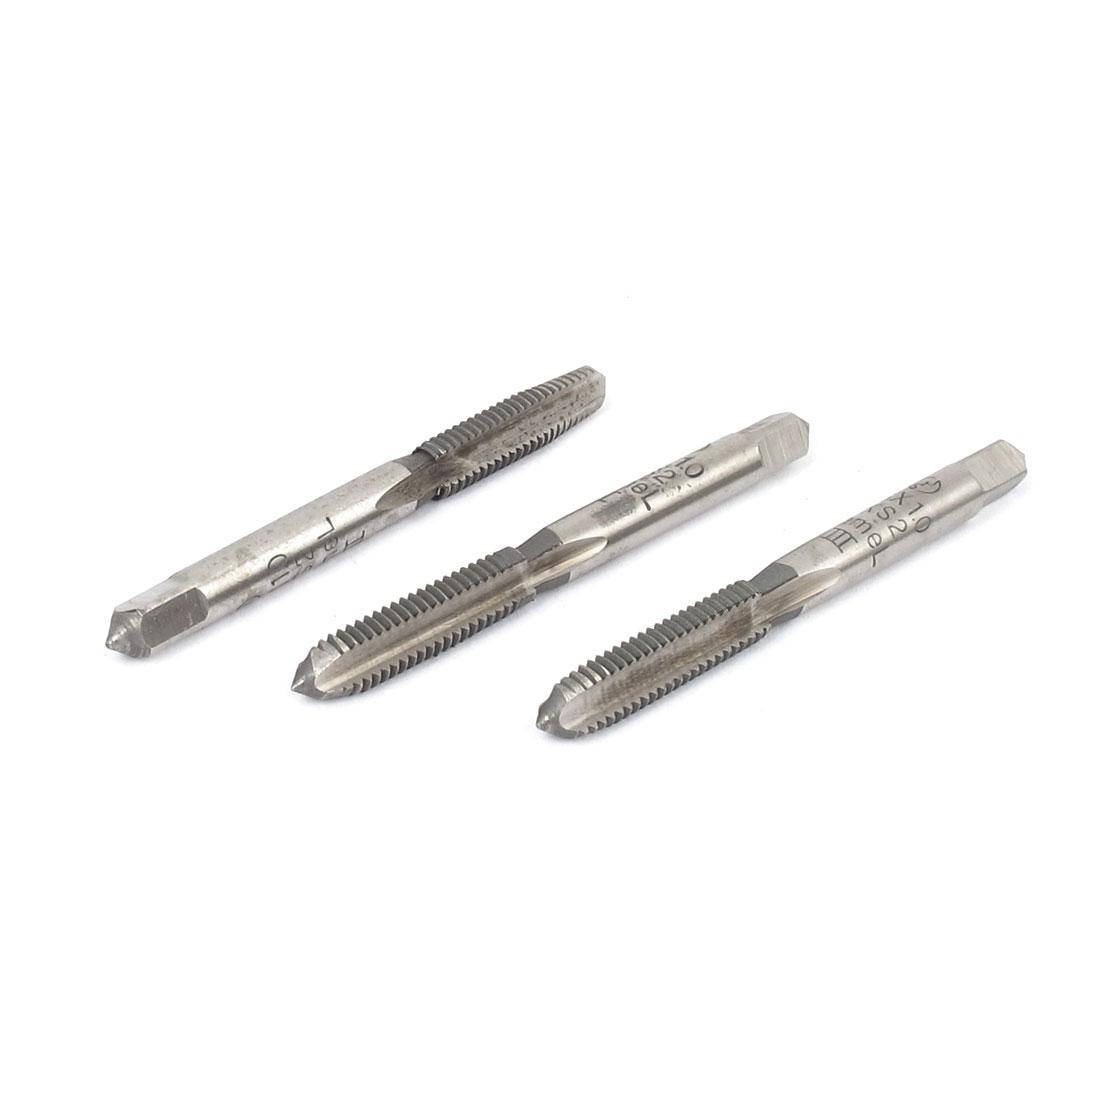 3 Pcs HSS M6x1.0mm 3 Flutes Square Head Machine Screw Thread Tap Hand Tool